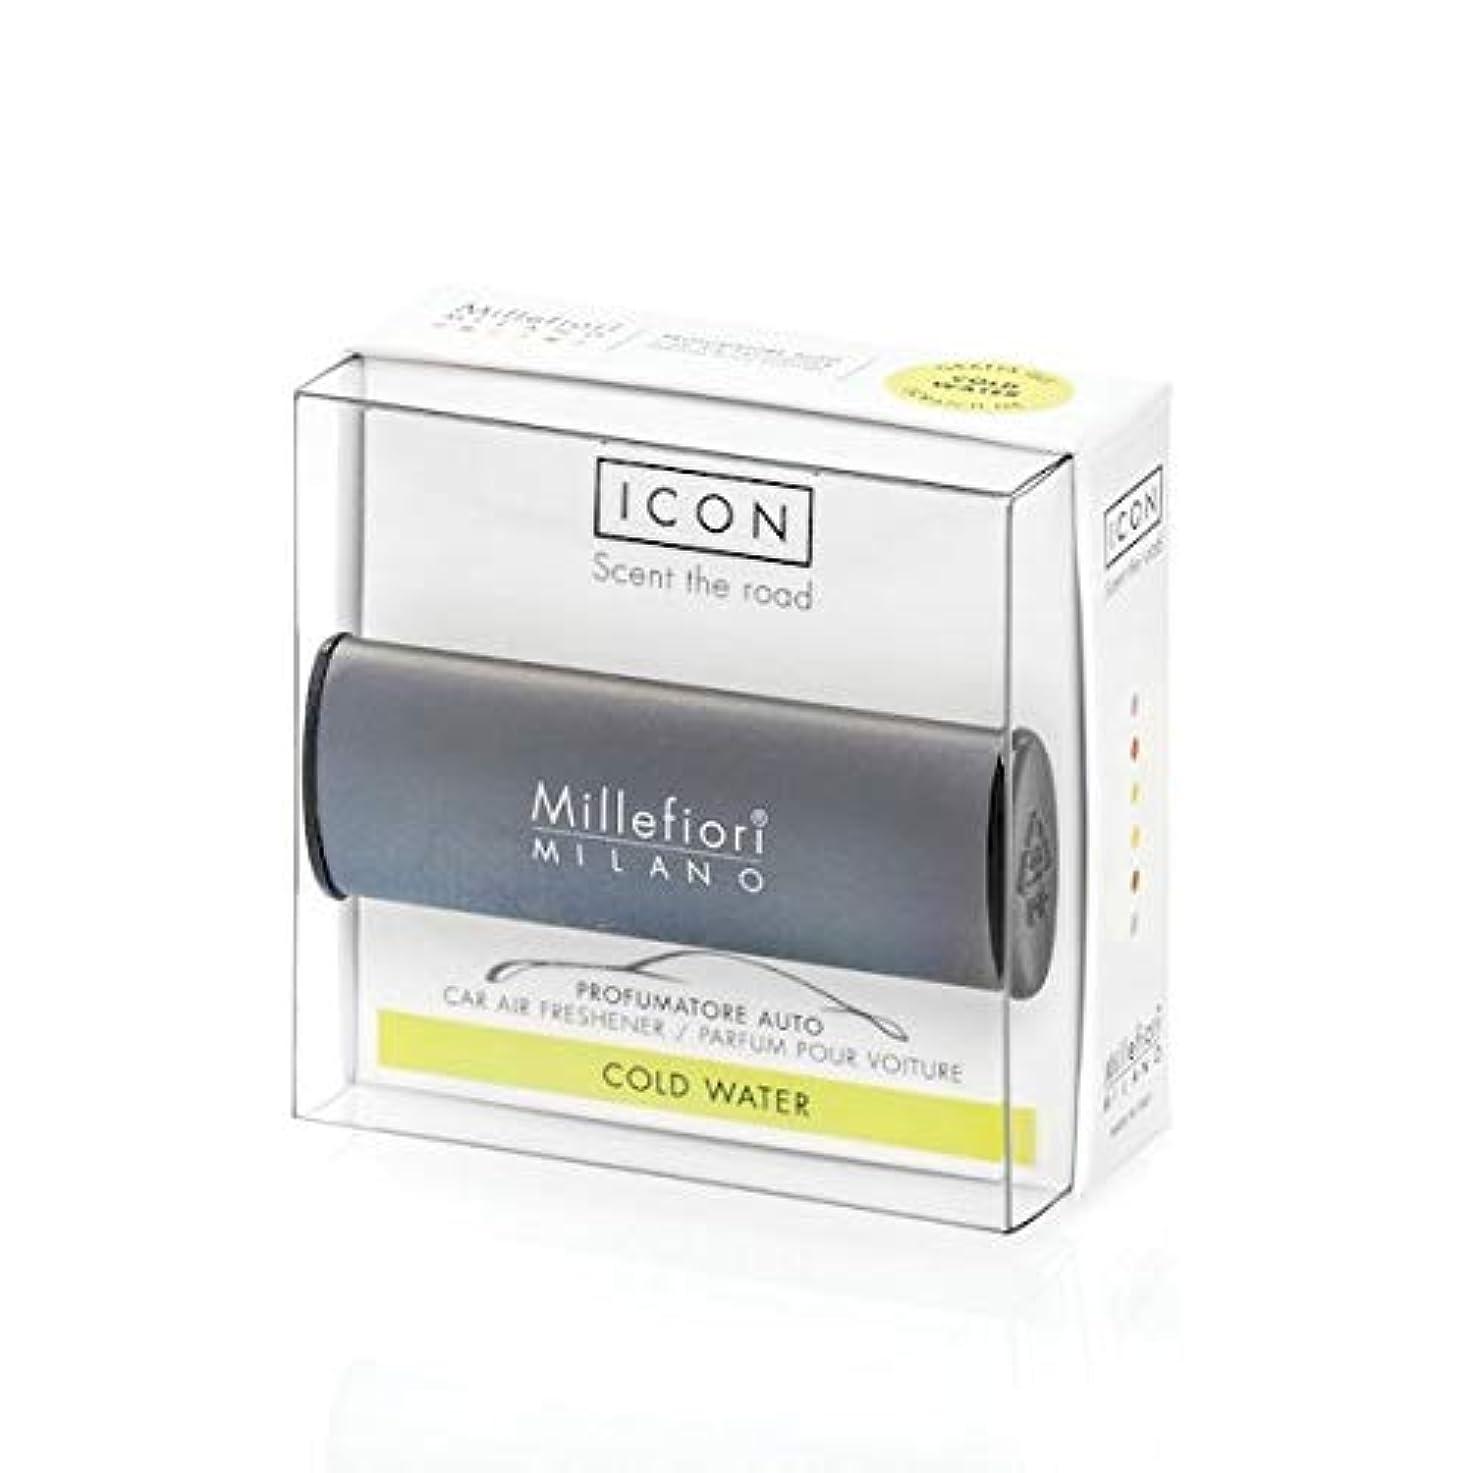 ミッレフィオーリ(Millefiori) カーエアフレッシュナー ICON CLASSIC DARK GREY - コールドウォーター(COLD WATER) [並行輸入品]